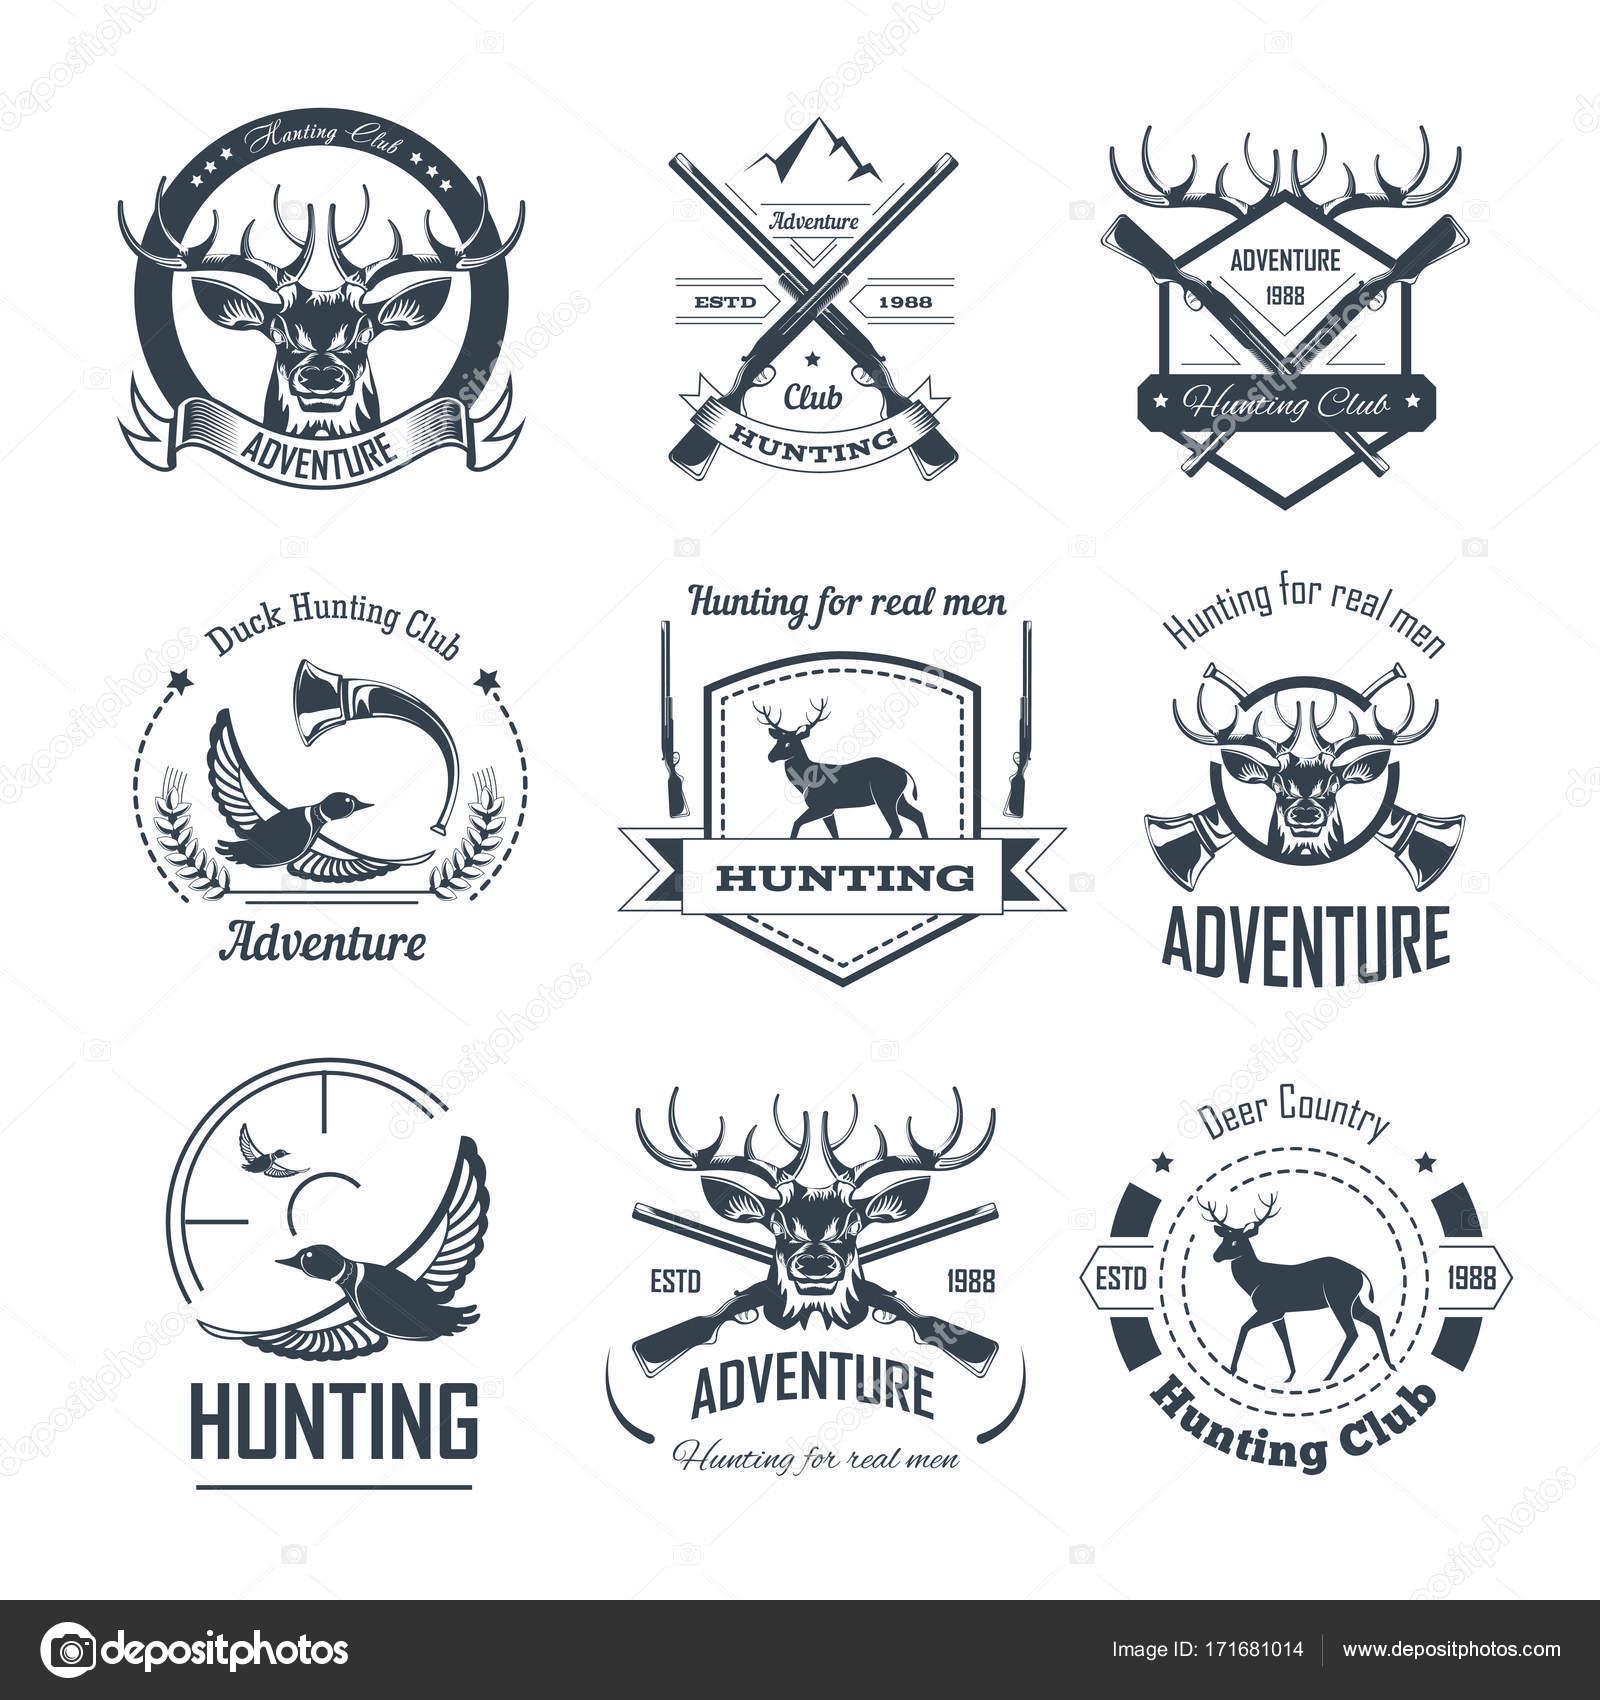 Jagd-Verein-Symbole — Stockvektor © Sonulkaster #171681014